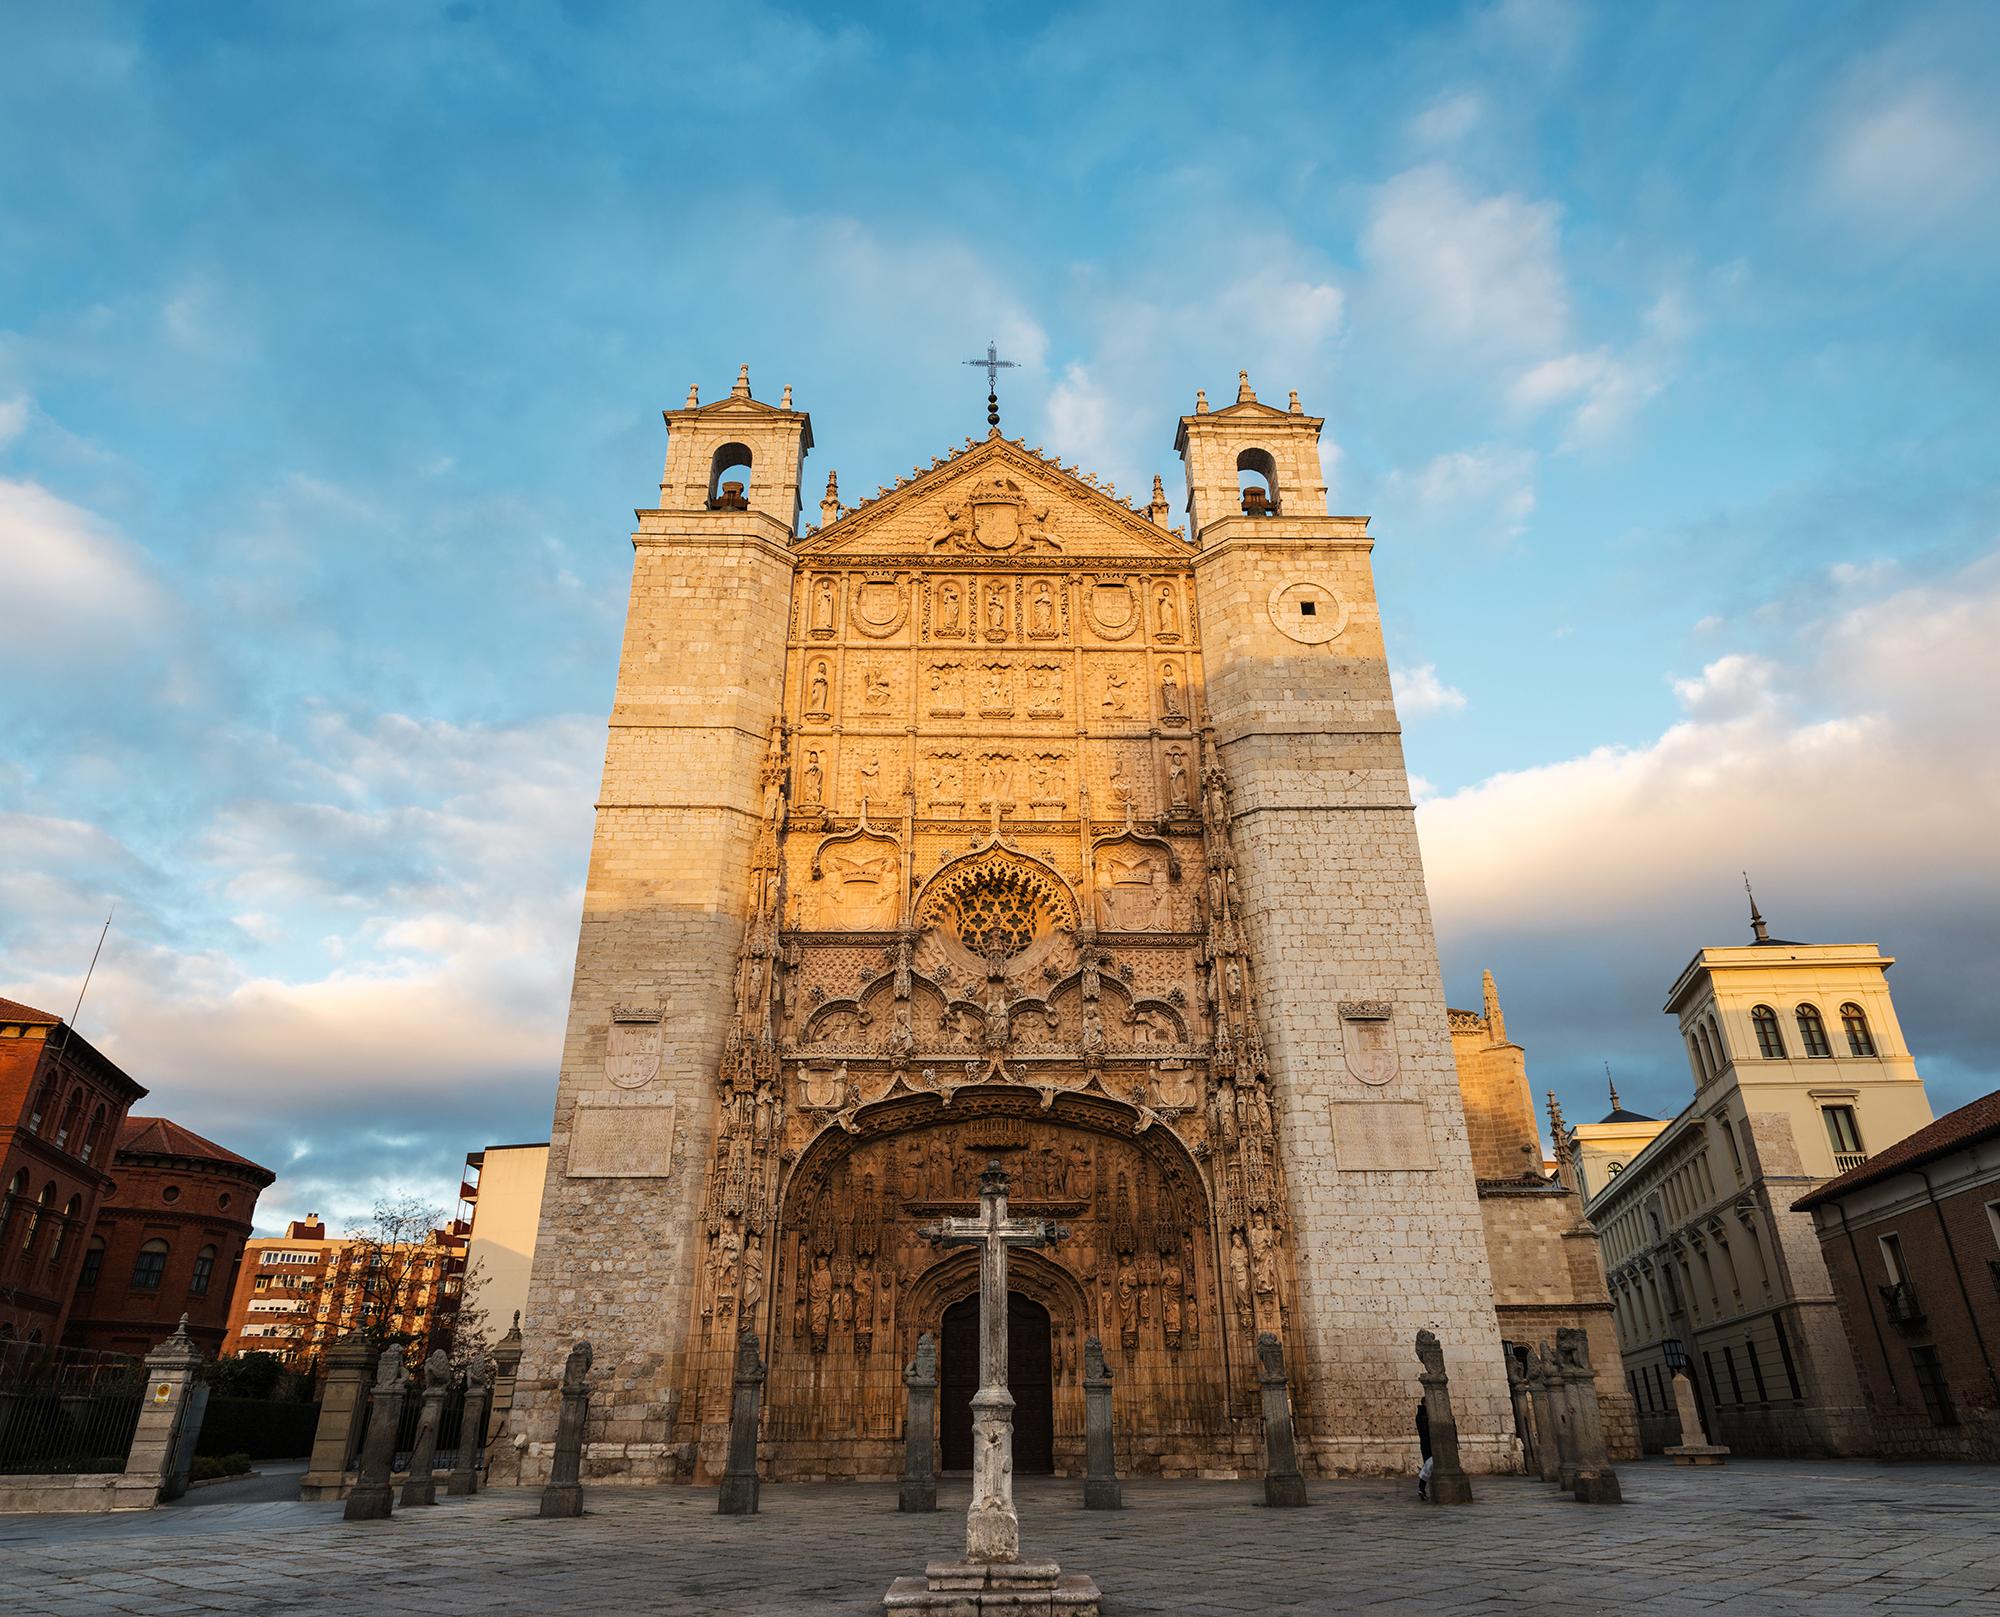 Main facade of San Pablo Church at dusk